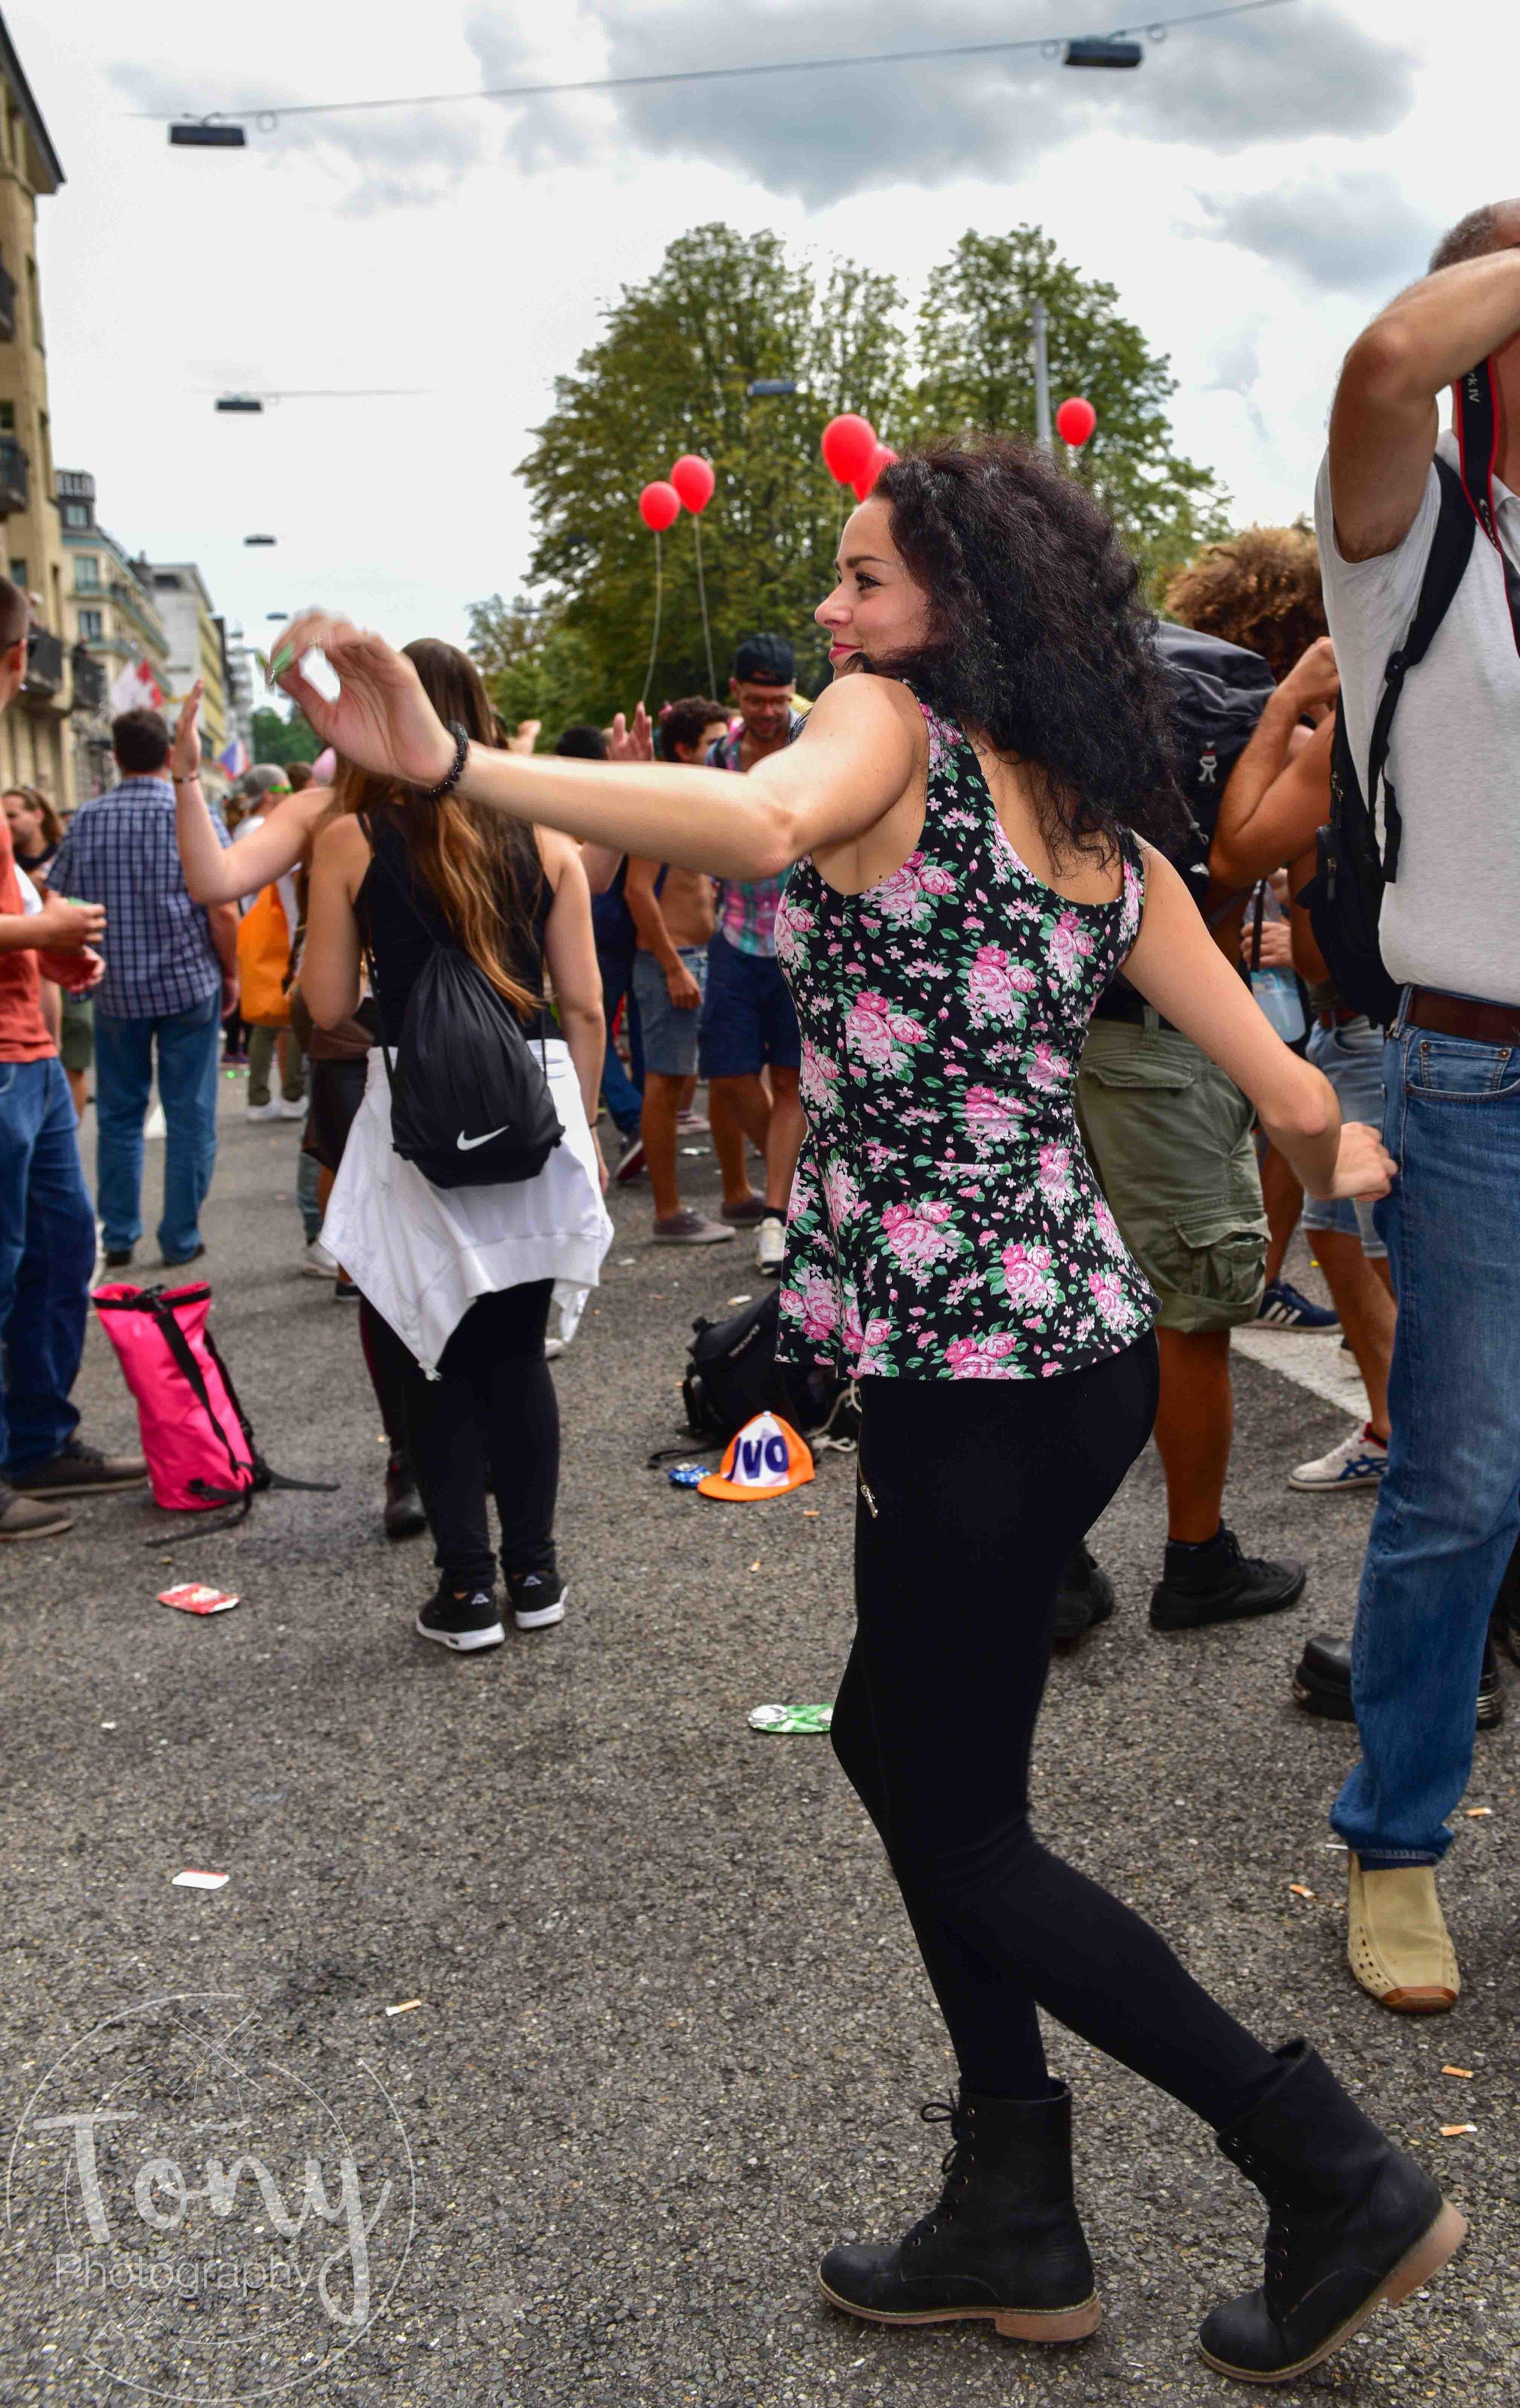 streetparade-118.jpg